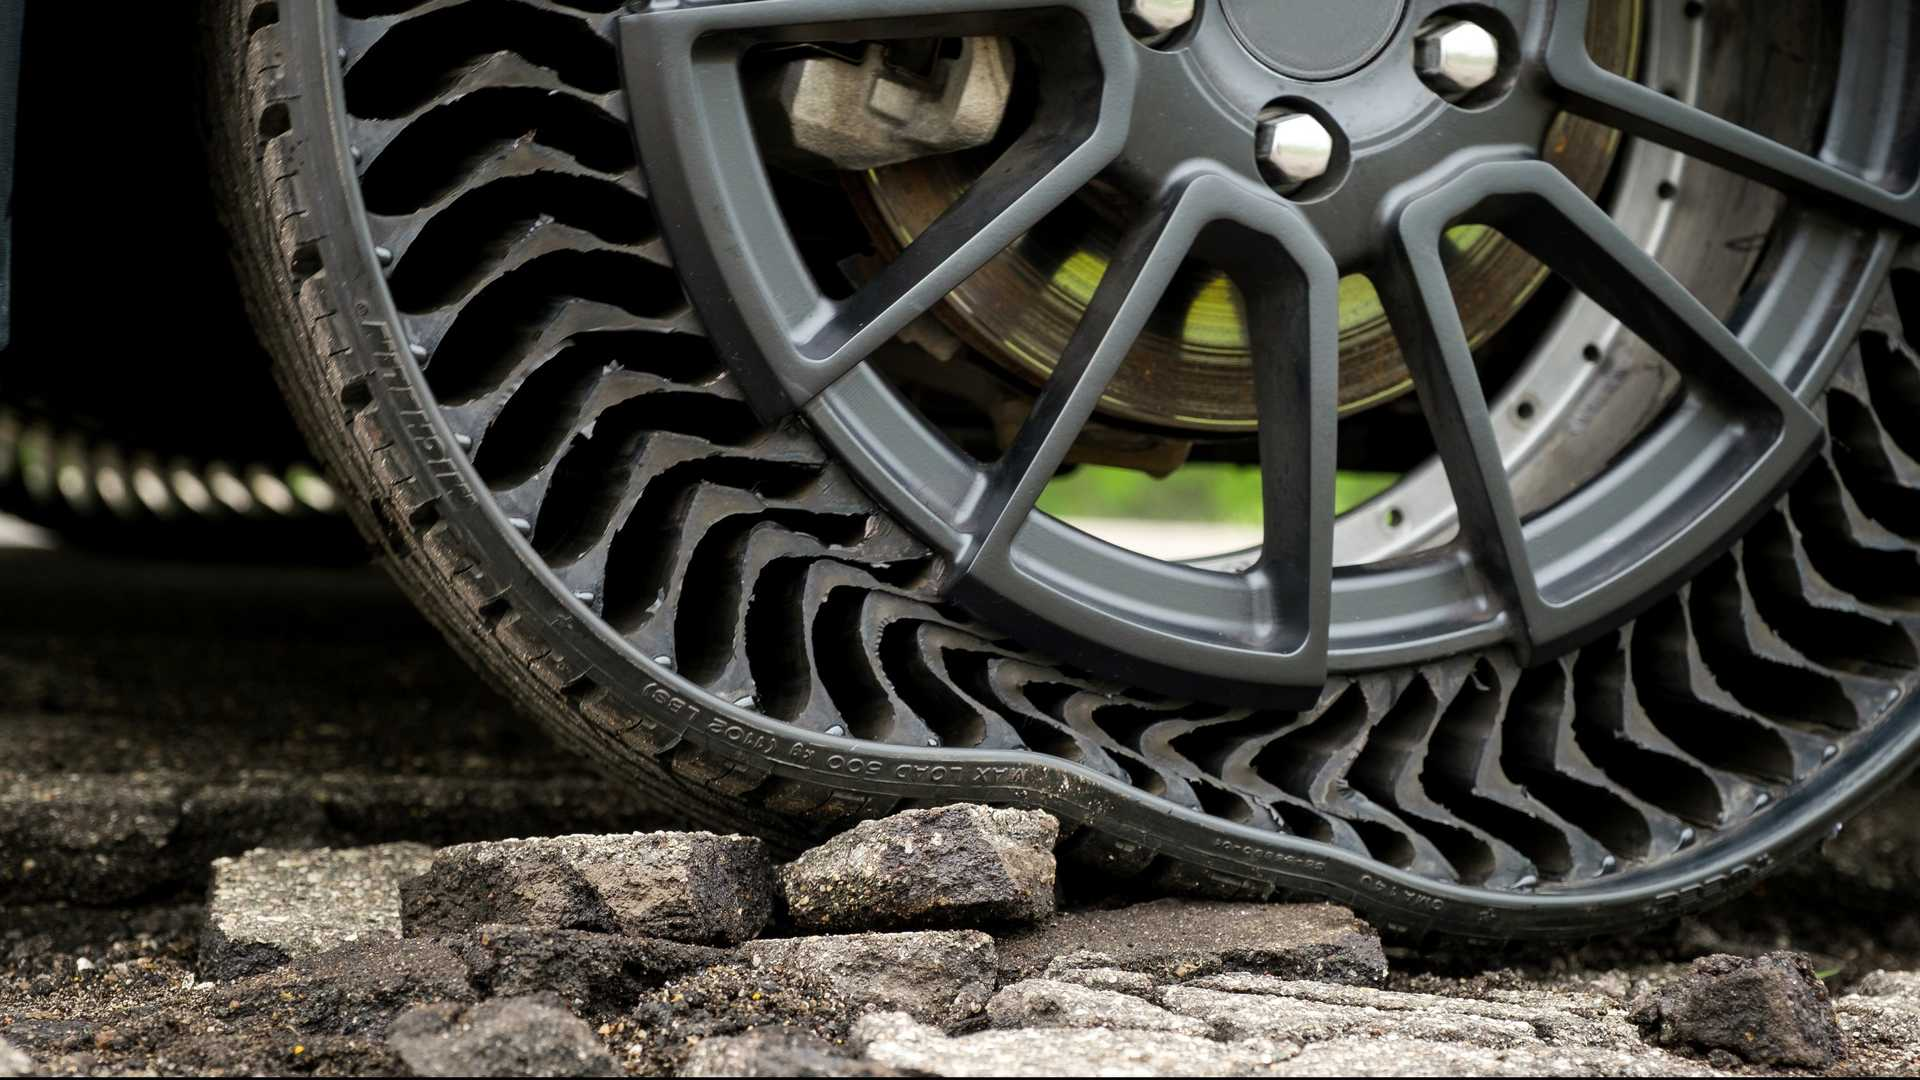 Vidéo - Premier test public pour les pneus sans air de Michelin